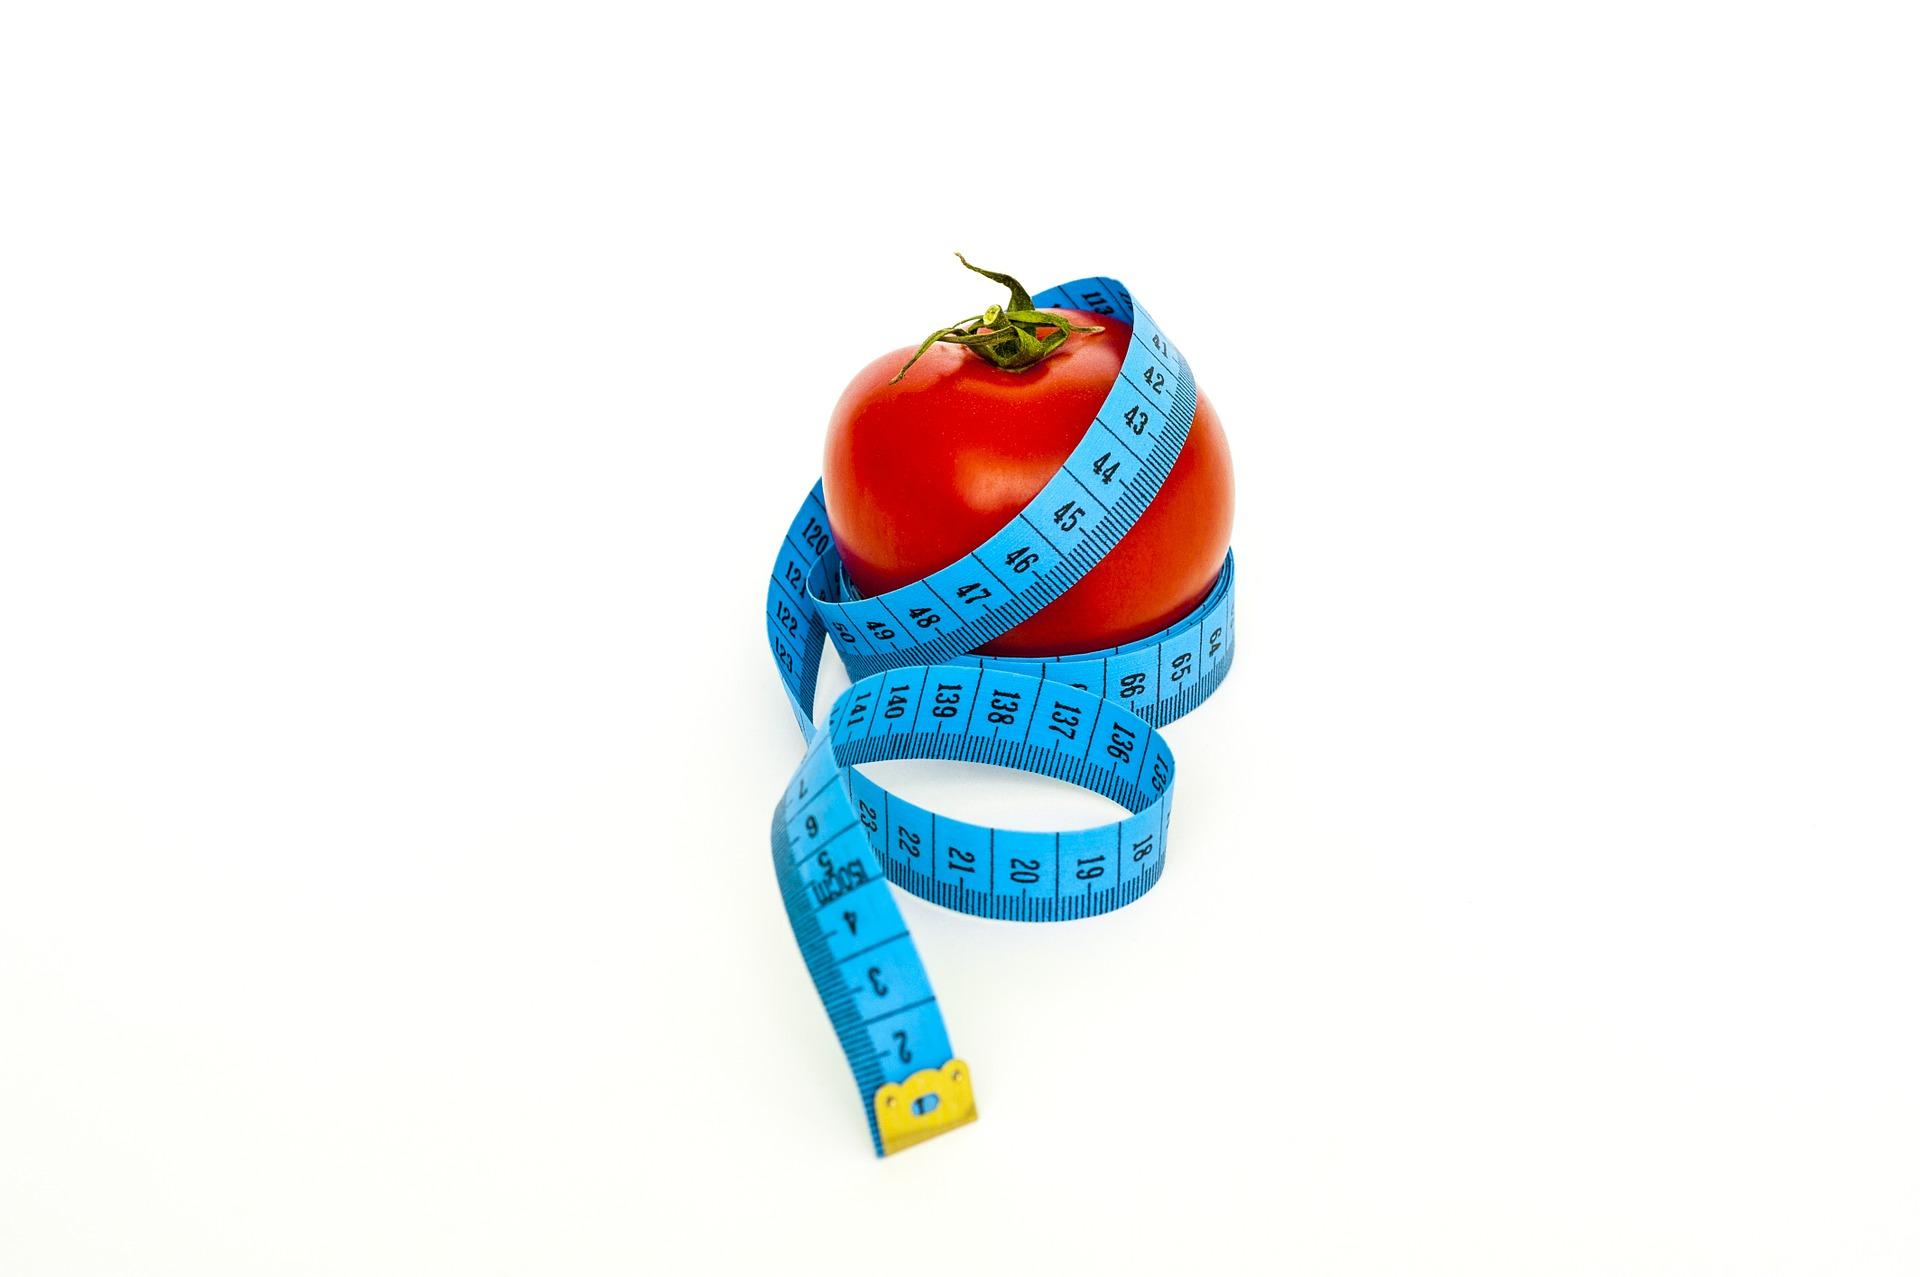 Seturi pierde în greutate într-o săptămână, 500 de calorii pe zi, cumpara sau comanda